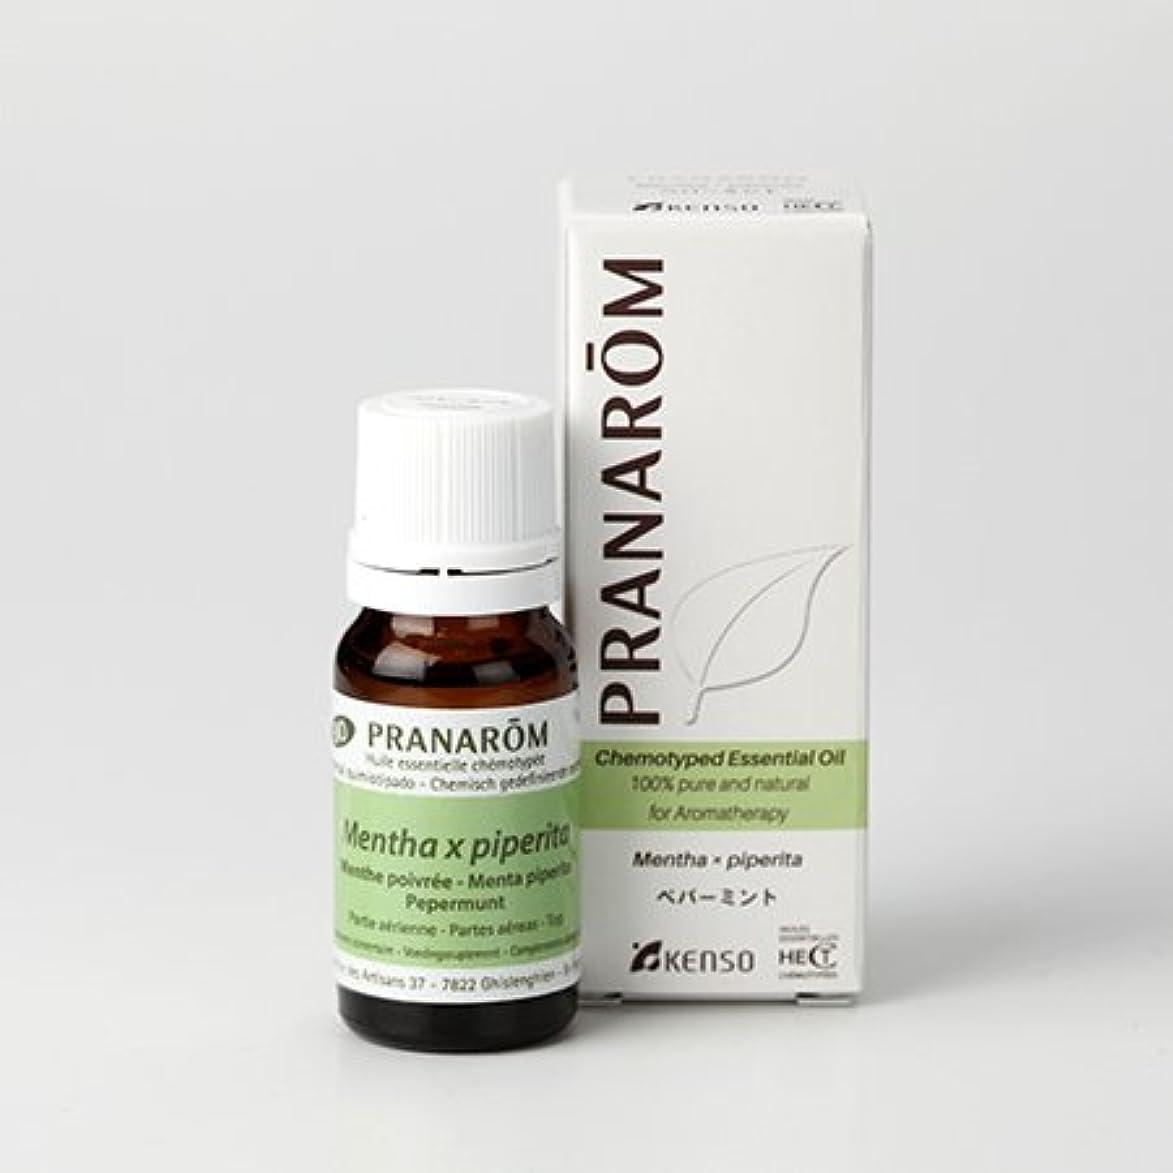 晩ごはん楽しむ力強いプラナロム ( PRANAROM ) 精油 ペパーミント 10ml p-119